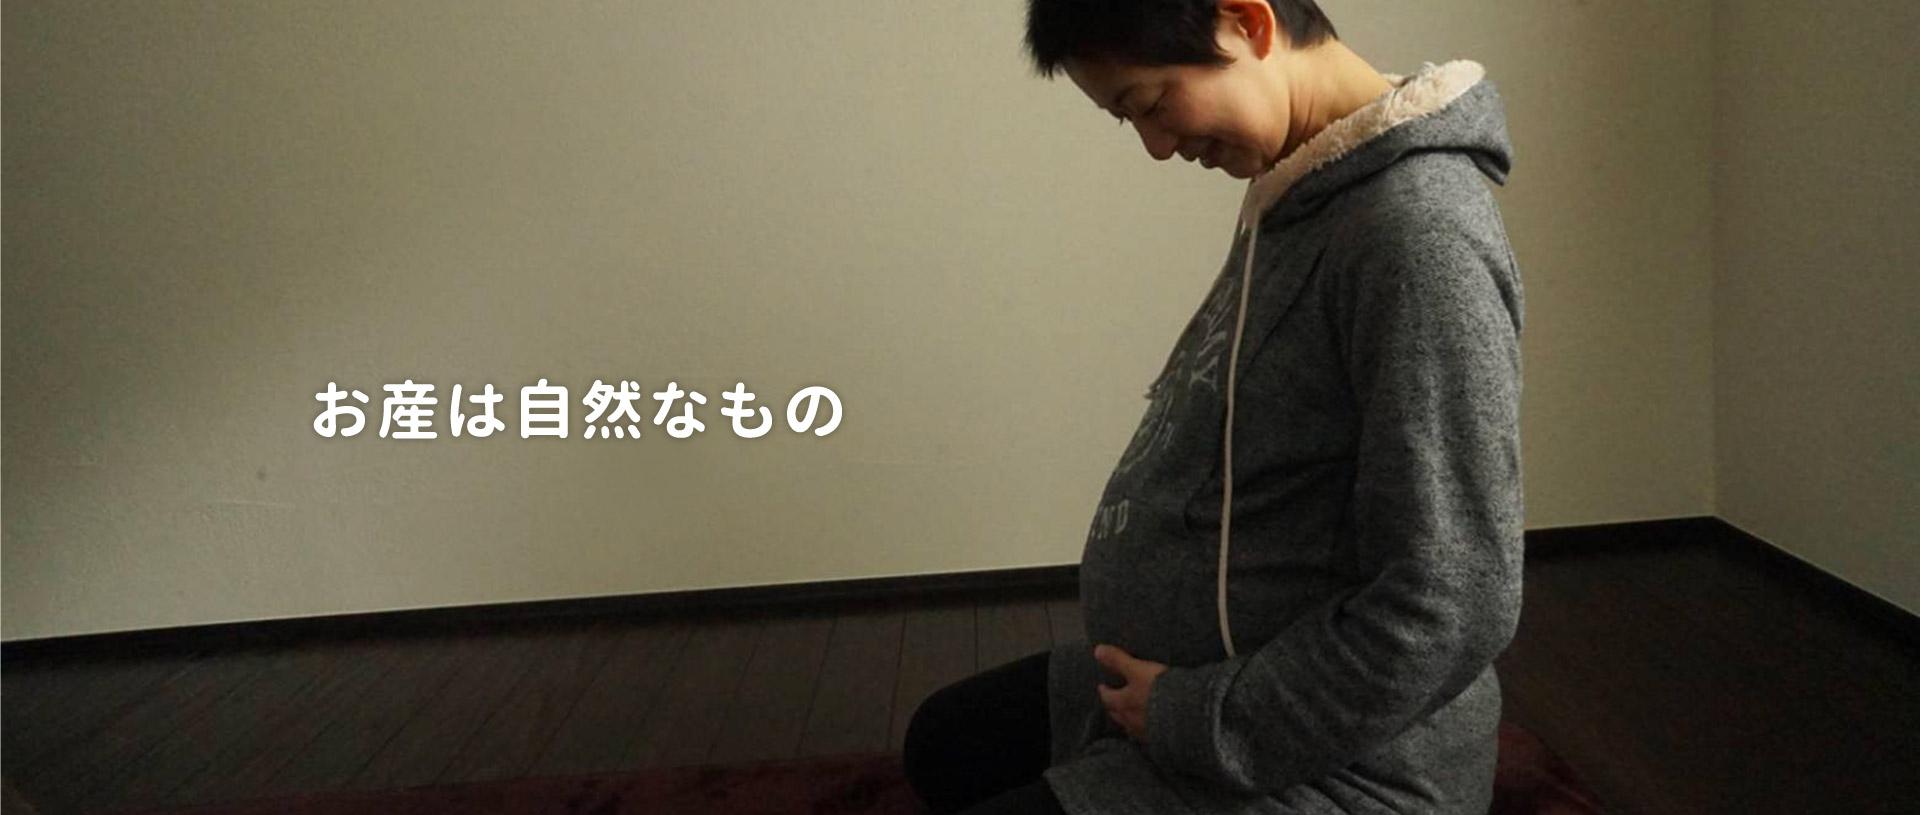 お産は自然なもの